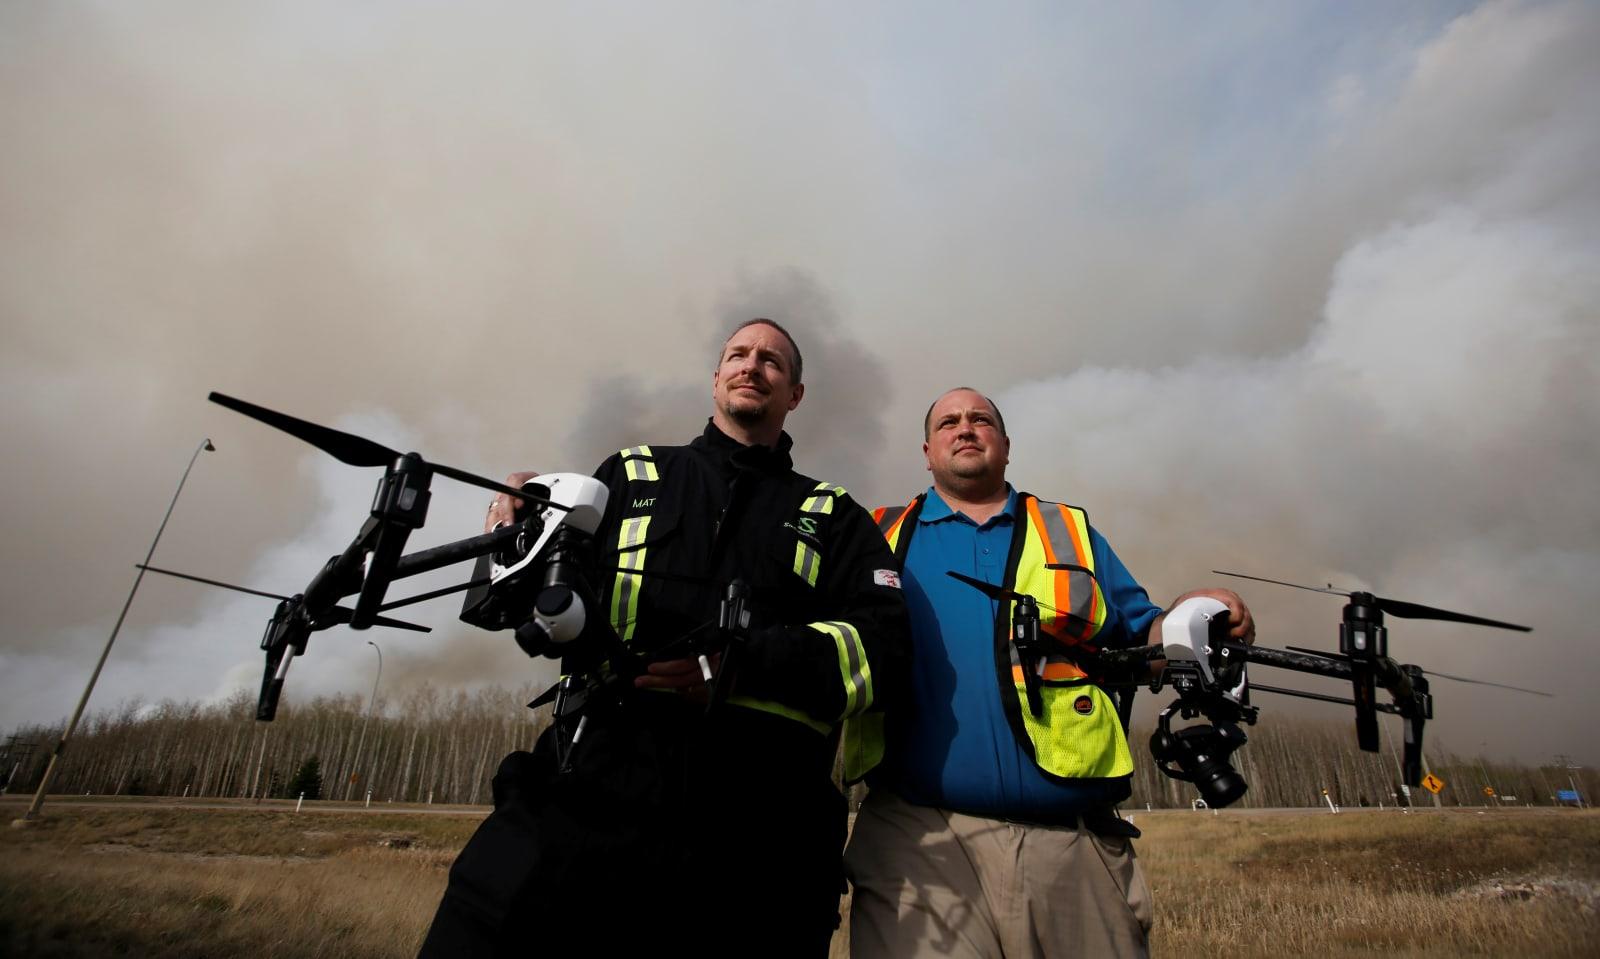 CANADA-WILDFIRE/DRONE